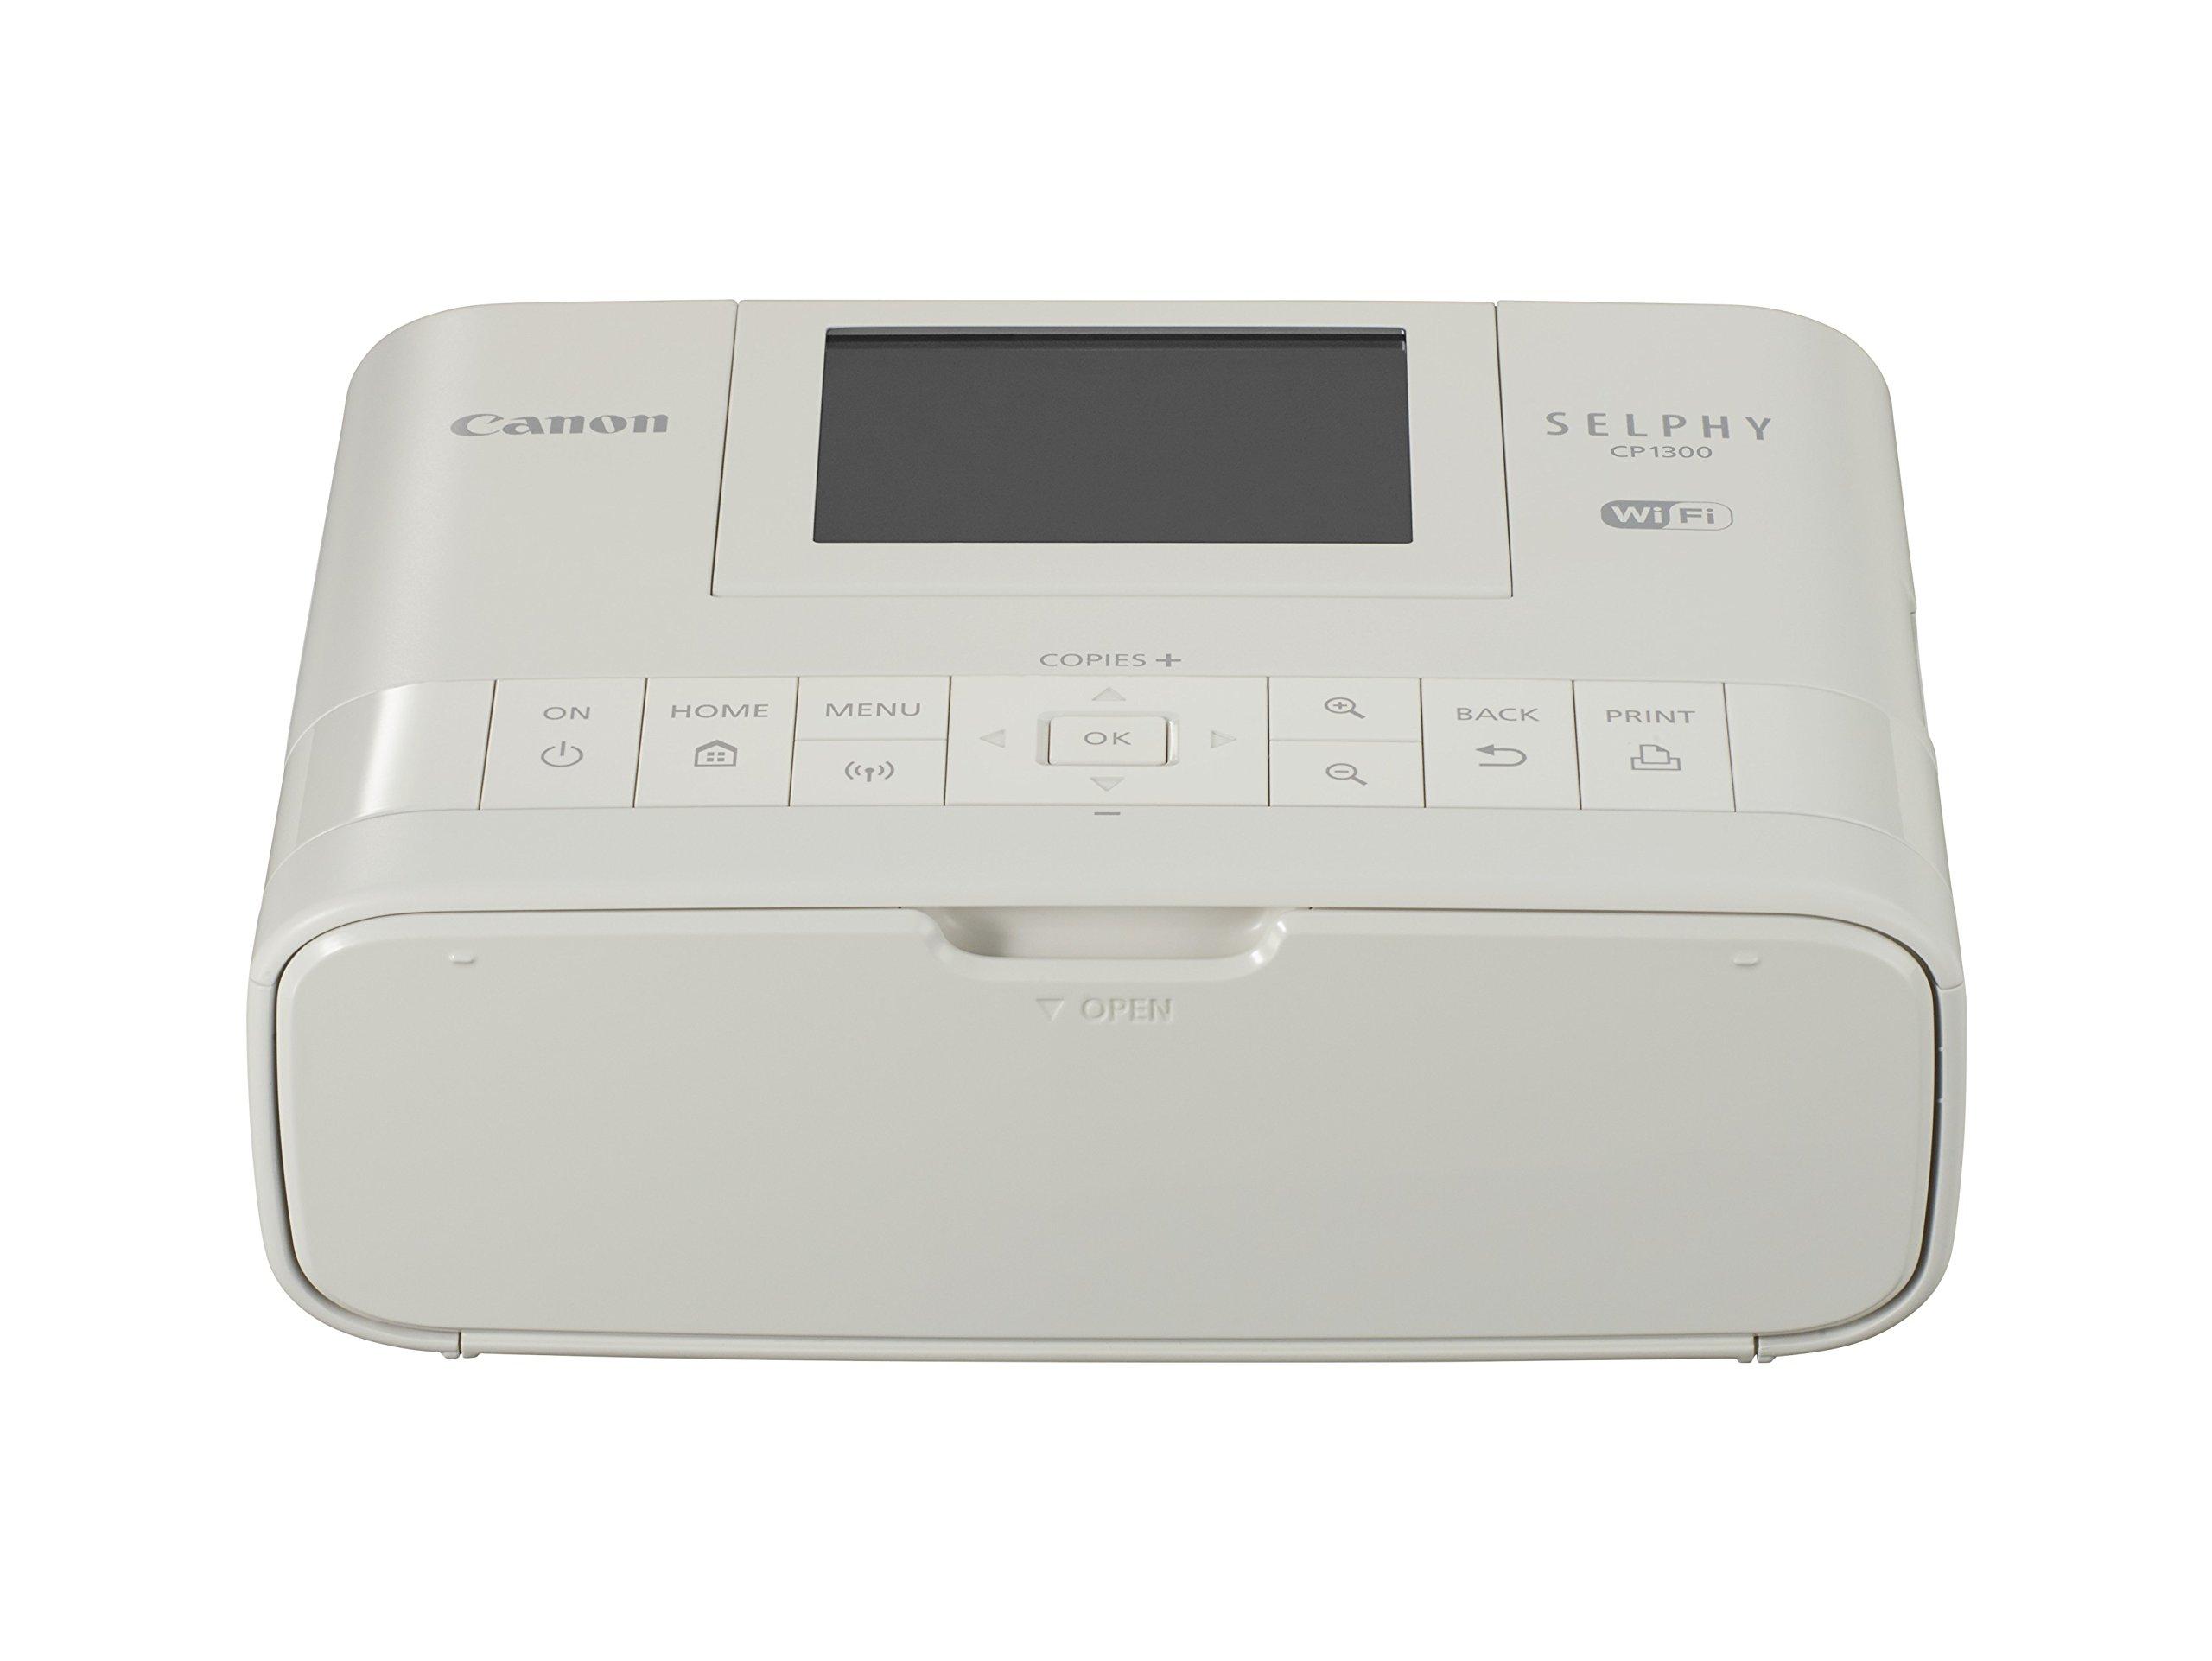 Canon SELPHY CP1300 Compact Photo Printer - White, Portable